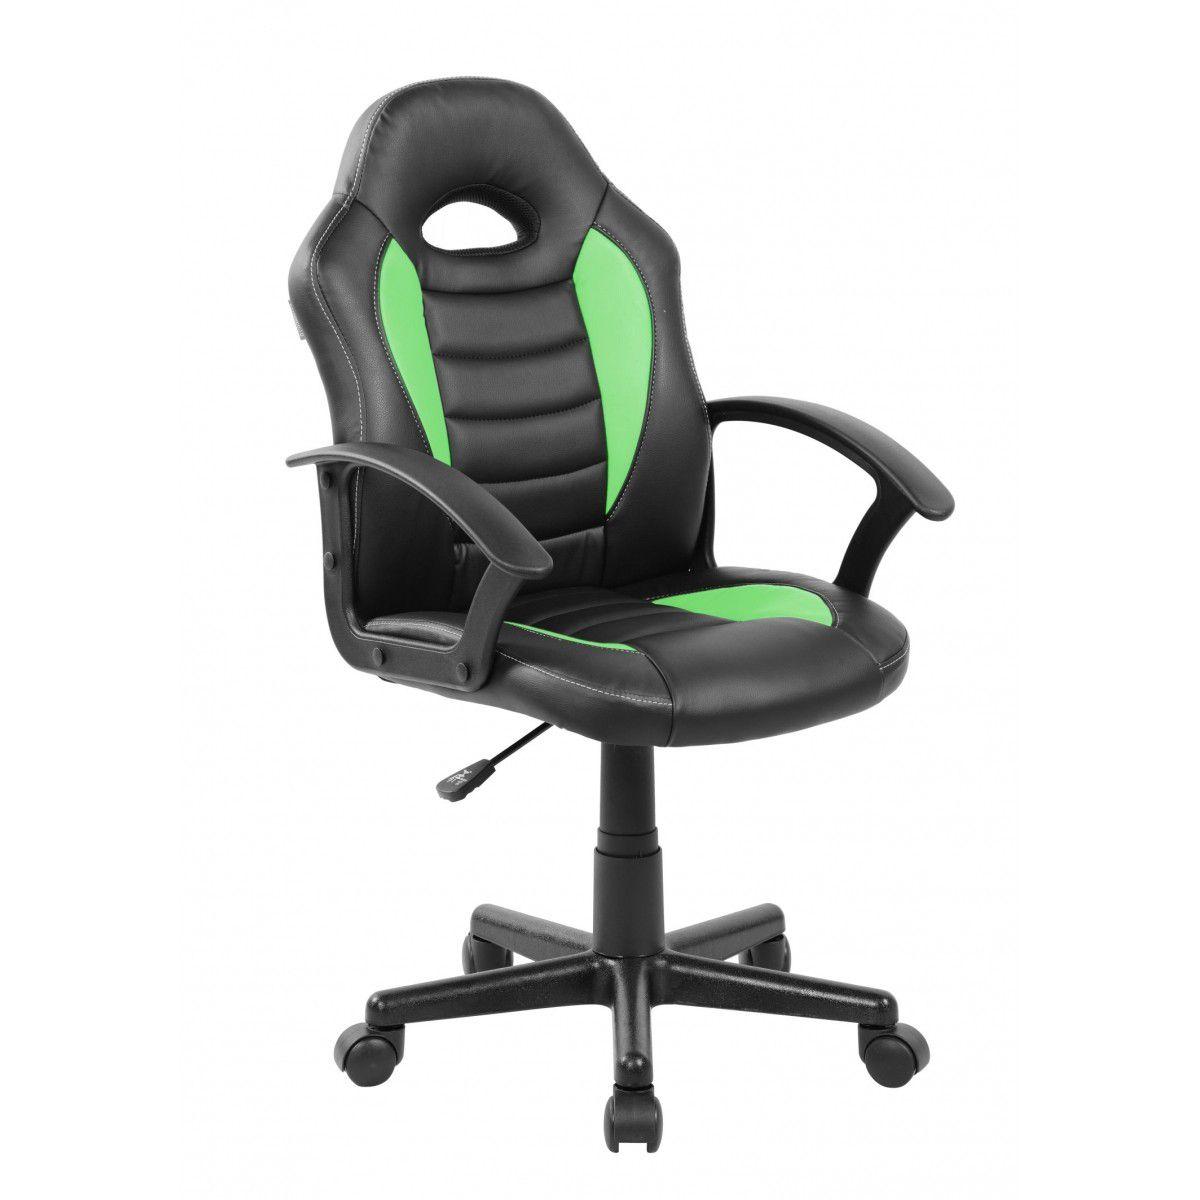 Cadeira Gamer Giratória Verde e Preta Kids - at.home